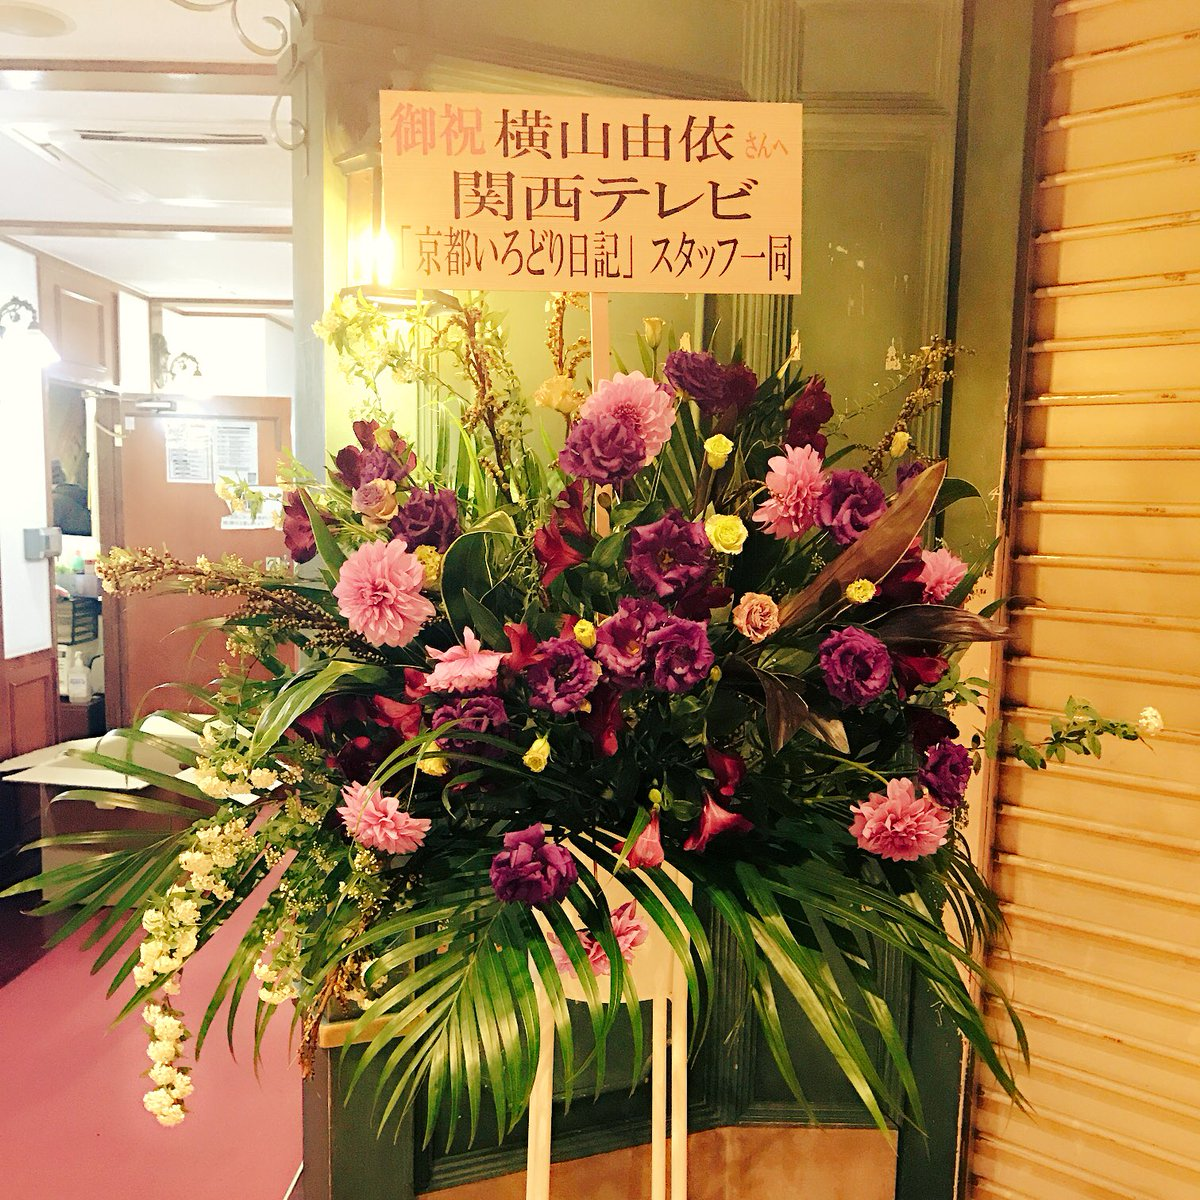 24歳の生誕祭 サイリウムもコールもお花も ありがとうございました!  5カ月ぶりのA公演でしたが、…